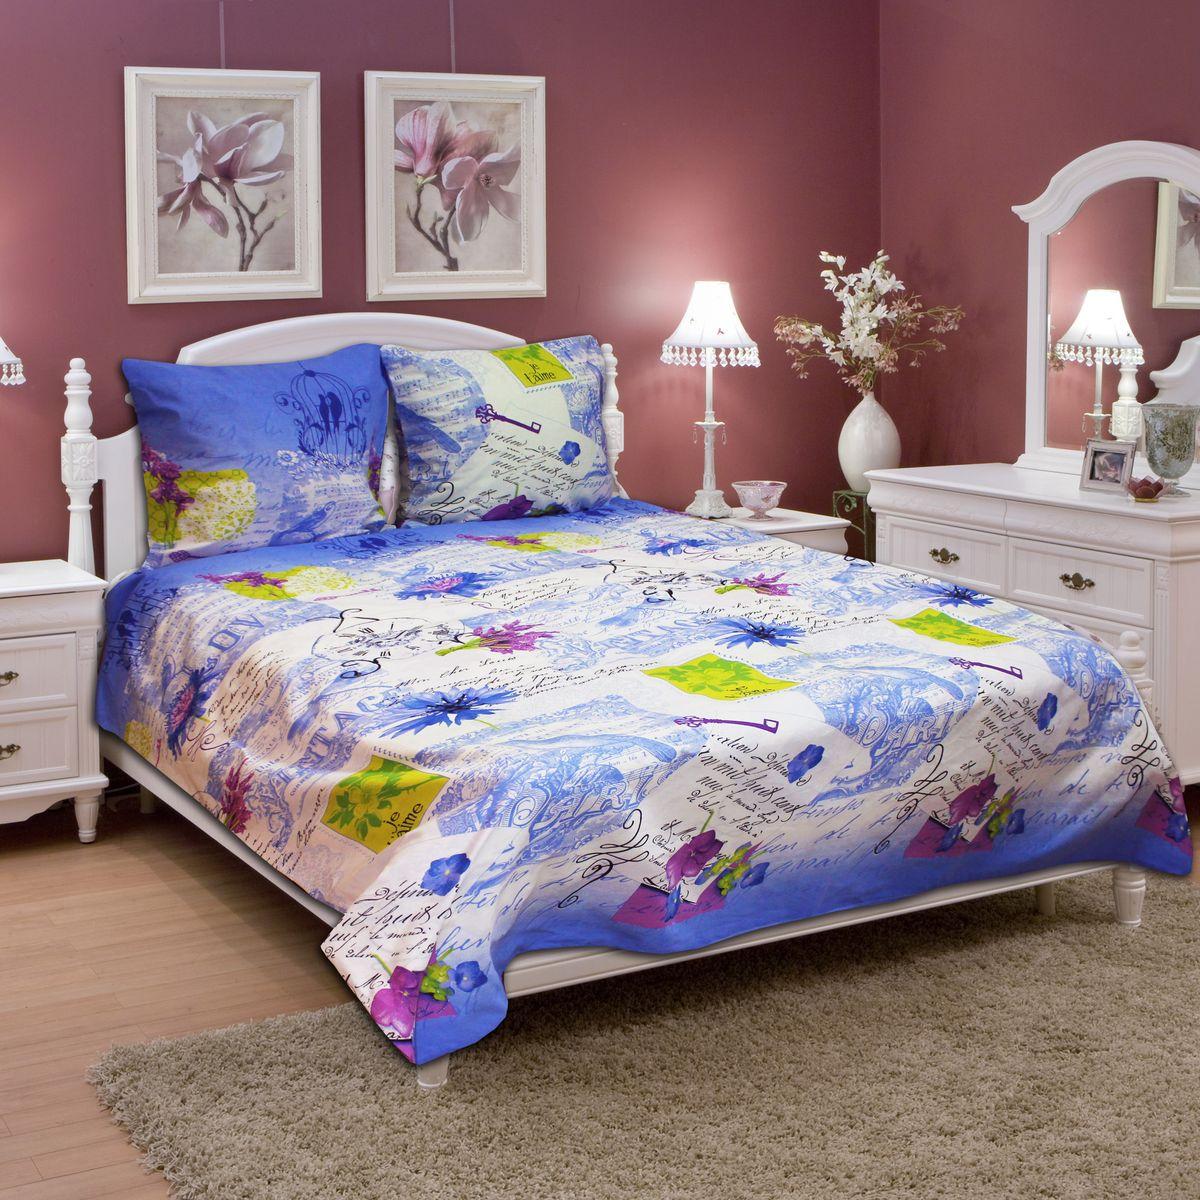 Комплект белья Amore Mio Flower BL, евро, наволочки 70х7077743Комплект постельного белья Amore Mio является экологически безопасным для всей семьи, так как выполнен из бязи (100% хлопок). Комплект состоит из пододеяльника, простыни и двух наволочек. Постельное белье оформлено оригинальным рисунком и имеет изысканный внешний вид. Легкая, плотная, мягкая ткань отлично стирается, гладится, быстро сохнет. Рекомендации по уходу: Химчистка и отбеливание запрещены. Рекомендуется стирка в прохладной воде при температуре не выше 30°С.